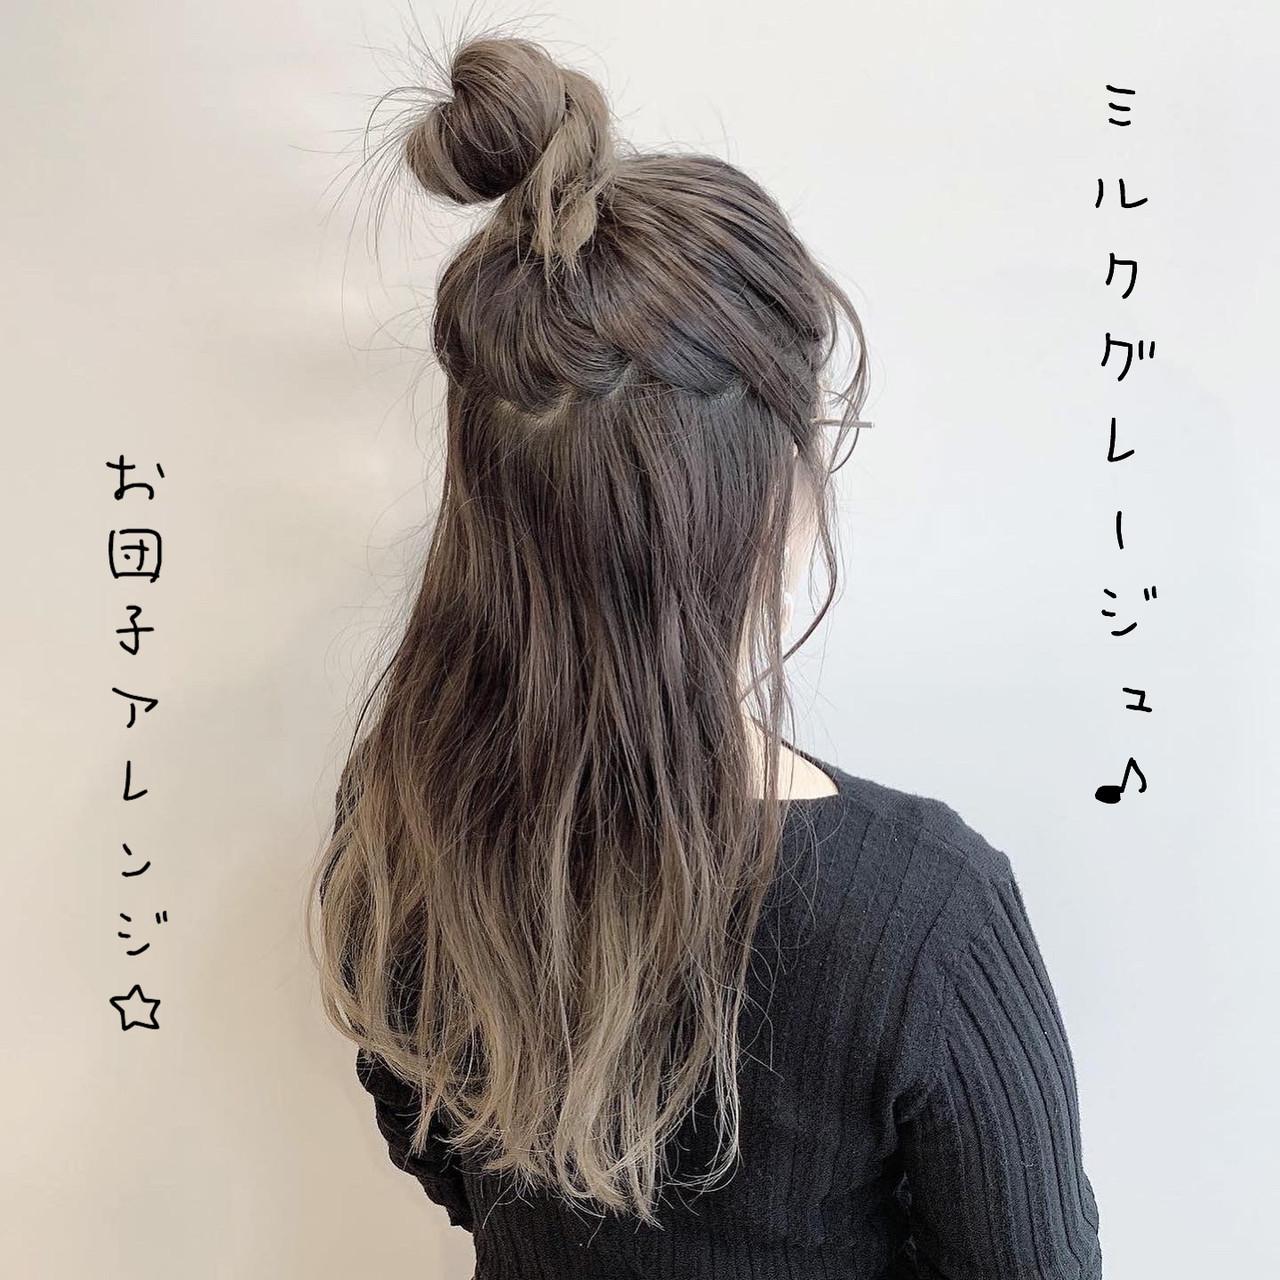 ロング バレイヤージュ お団子アレンジ ガーリー ヘアスタイルや髪型の写真・画像